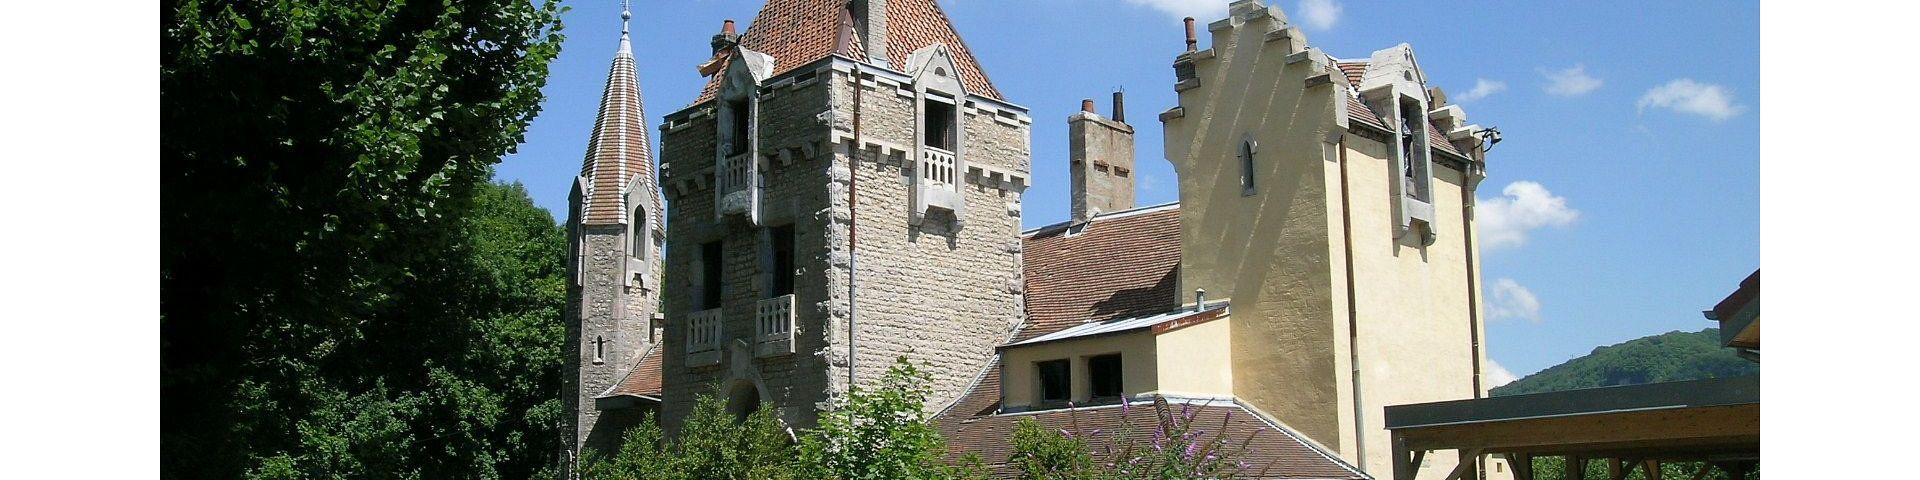 Chalezeule - Chateau de la Juive (25)